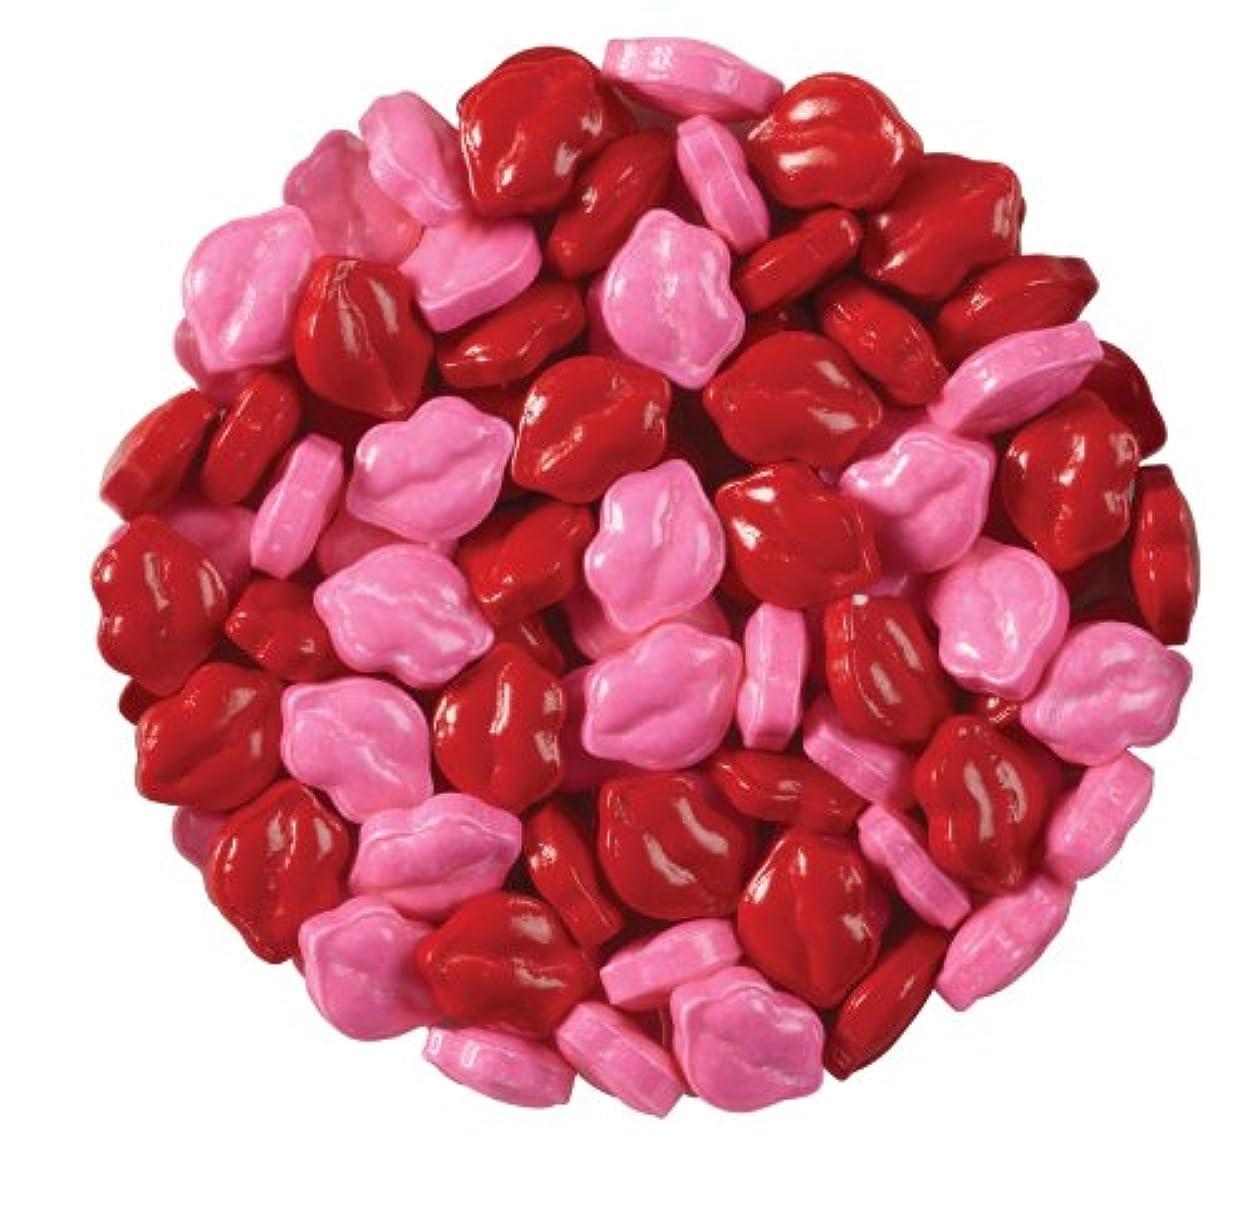 配るインセンティブたぶんSprinkles .88oz-Candy Lips (並行輸入品)